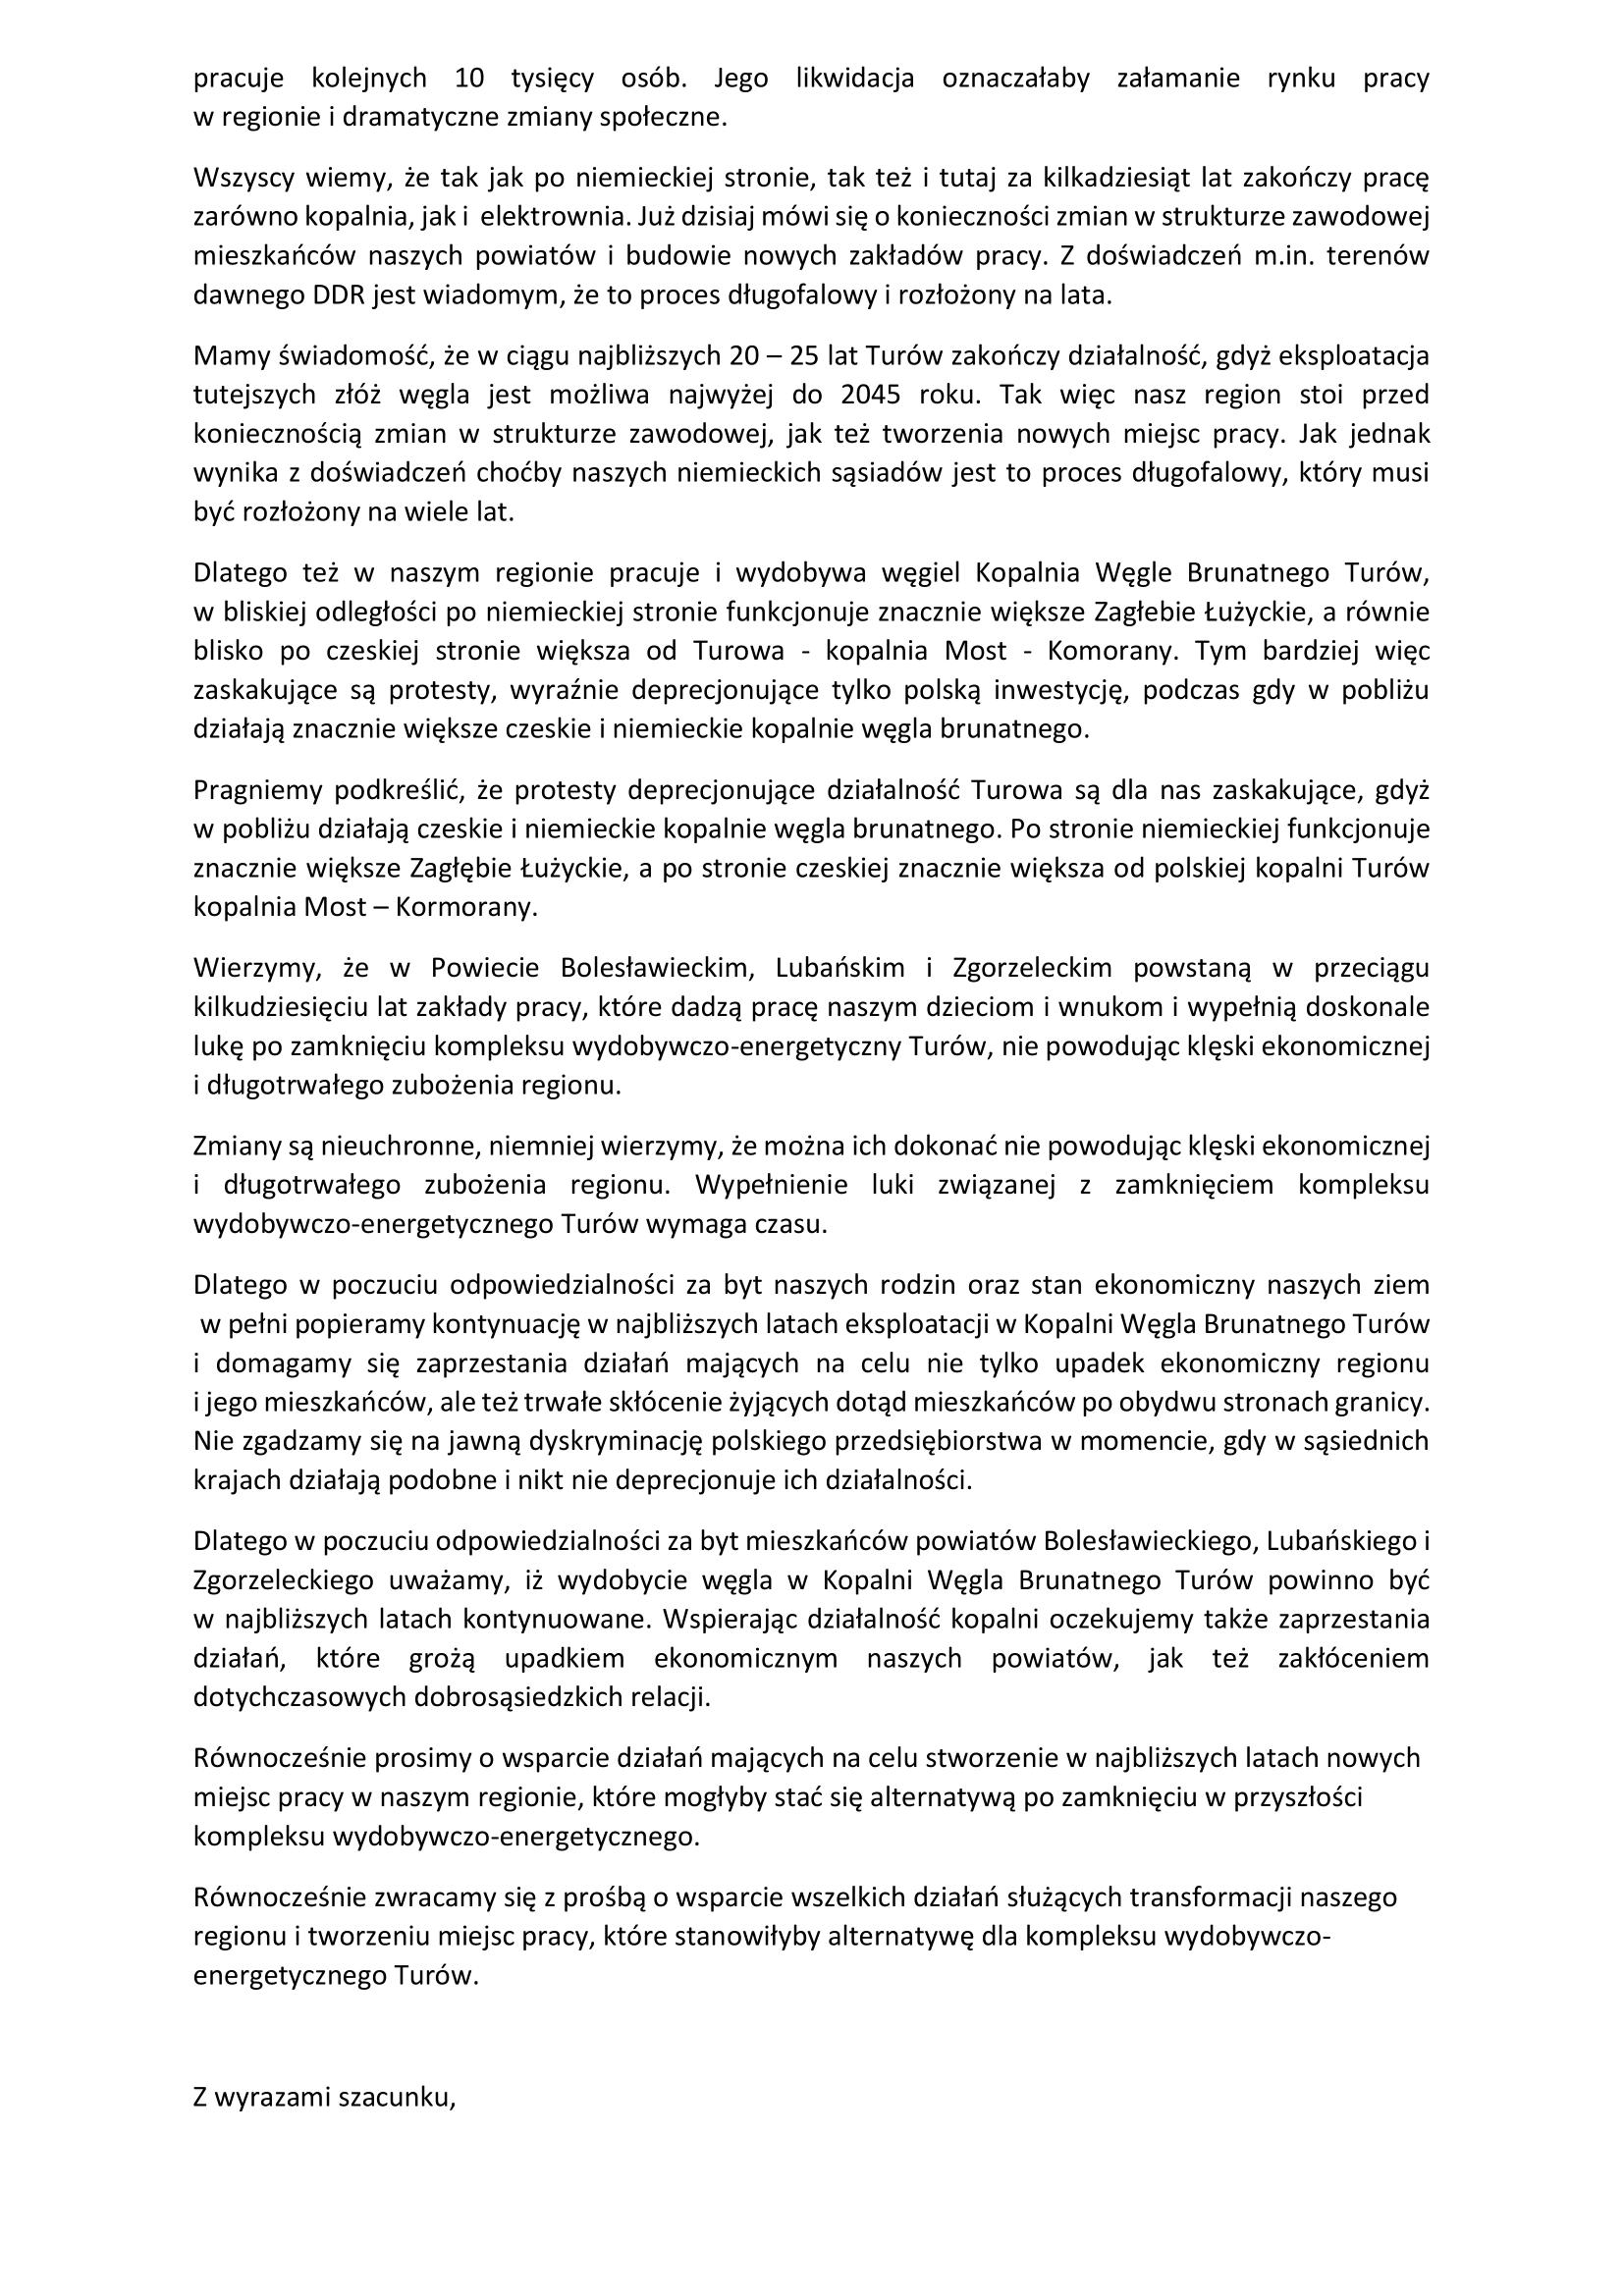 List do Komisji Europejskiej w sprawie poparcia dla elektrowni i kopalni Turów